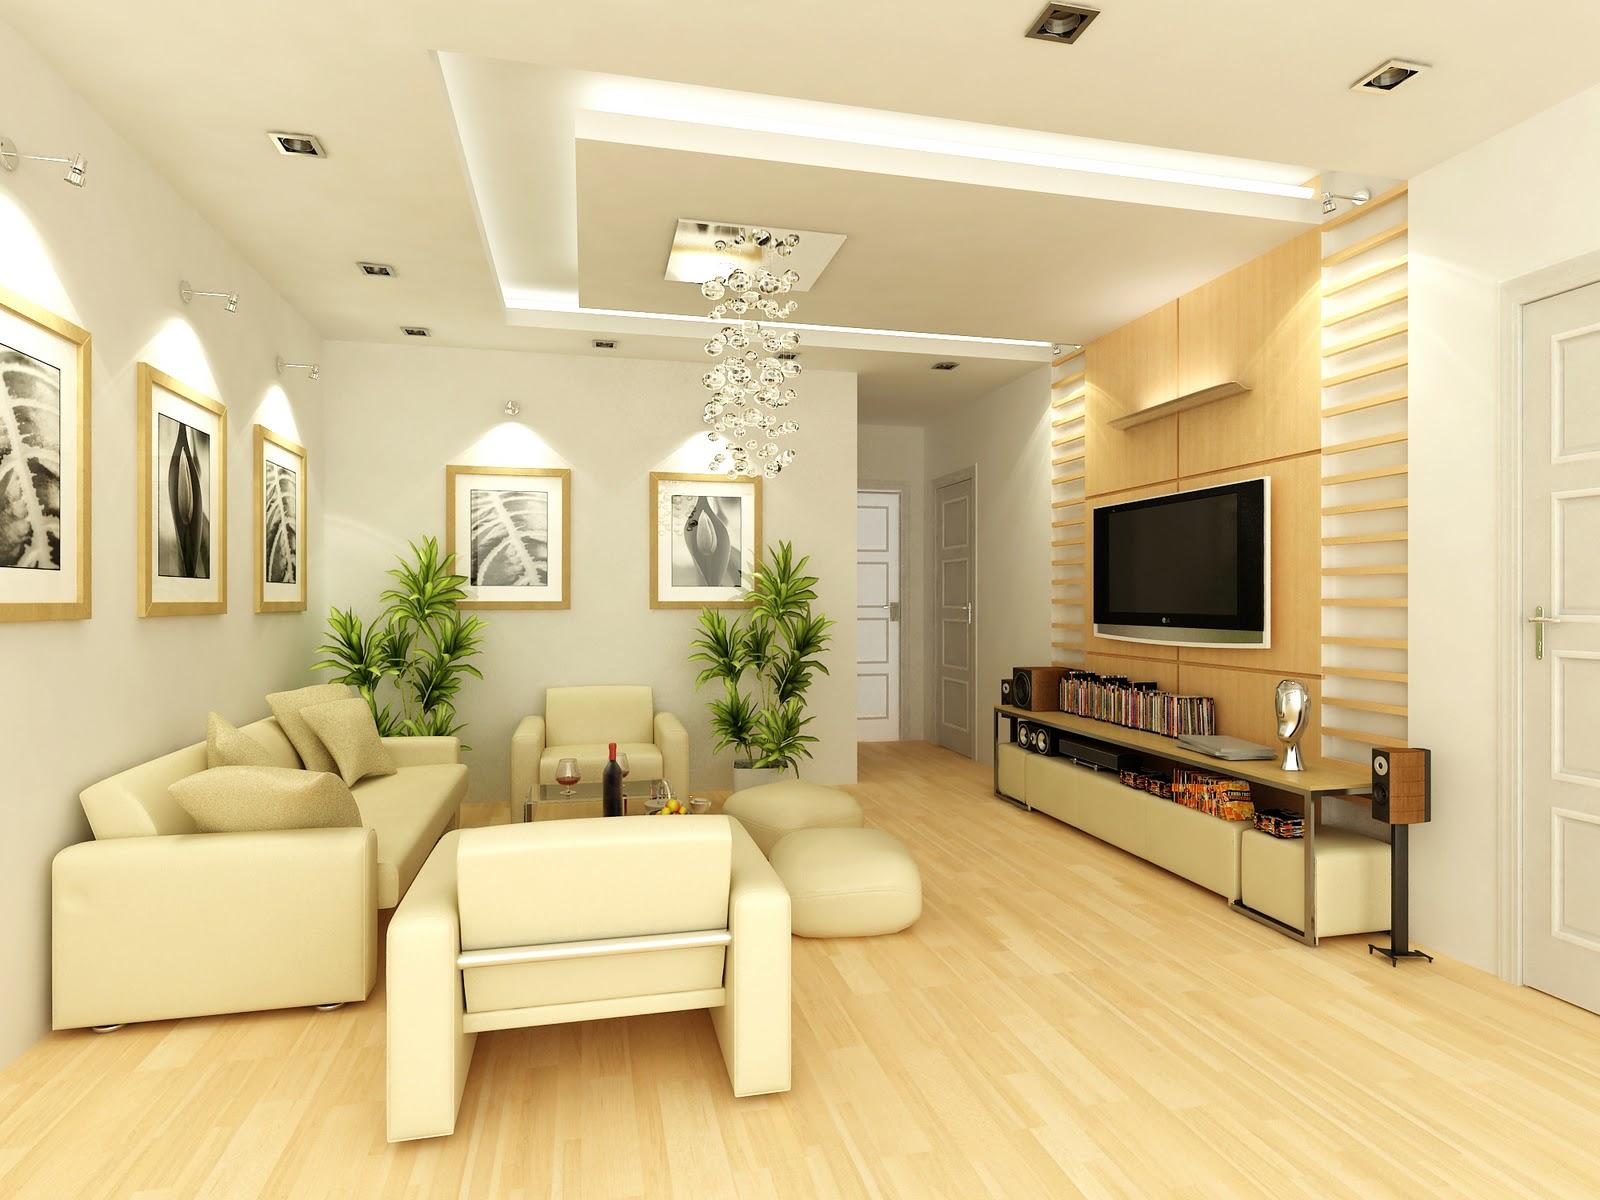 Gia chủ nên sử dụng các bề mặt sàn nhà có màu sáng, độ bóng loáng cao như sàn gỗ, gạch Vinyl